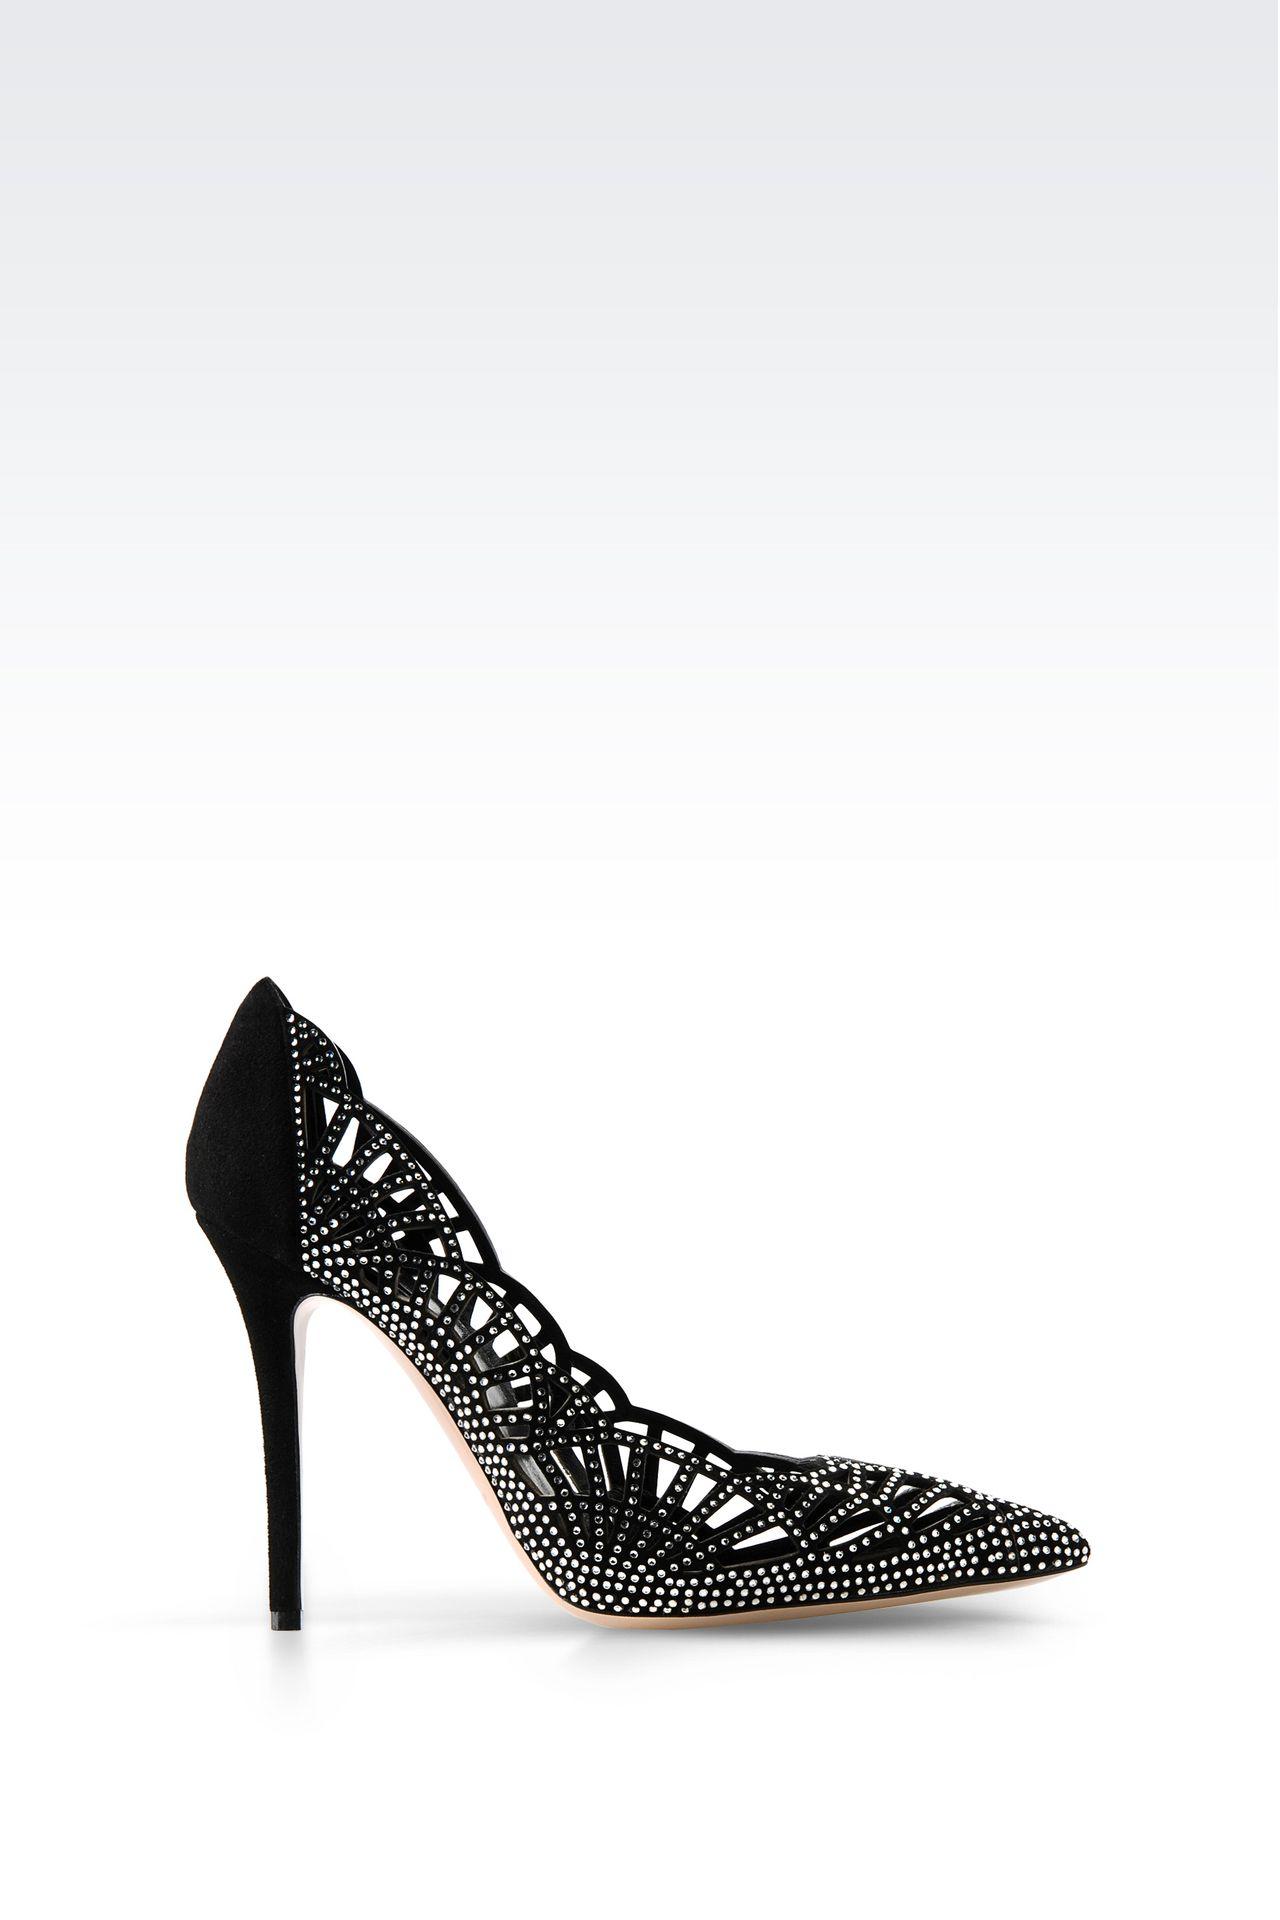 女士 高跟鞋 | giorgio armani 阿玛尼官方网络旗舰店